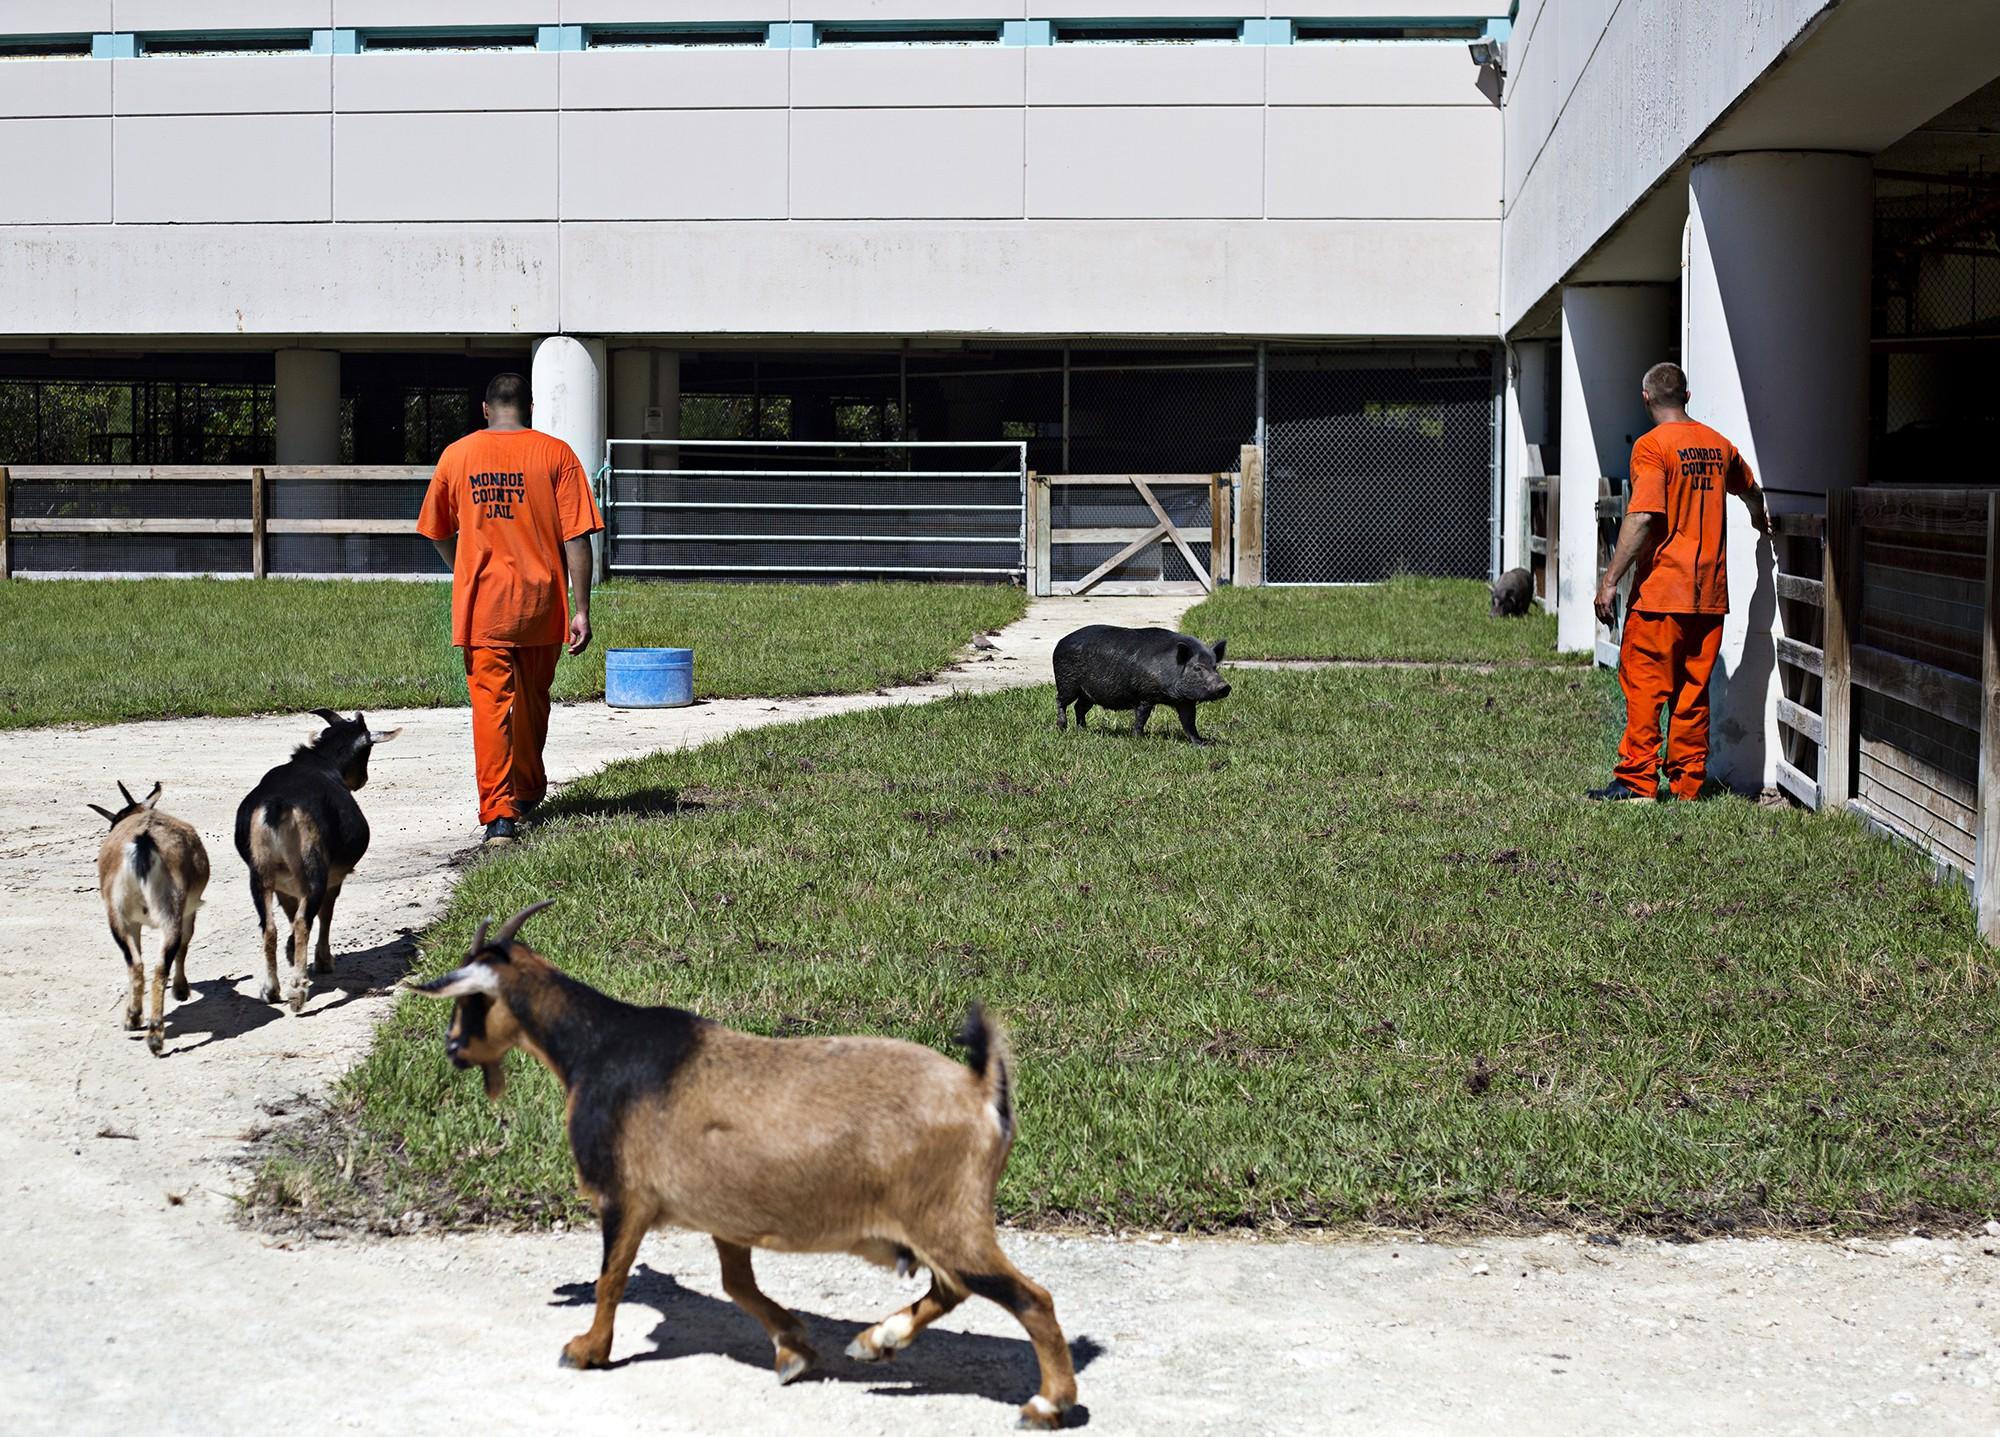 El centro penitenciario con animales en EEUU